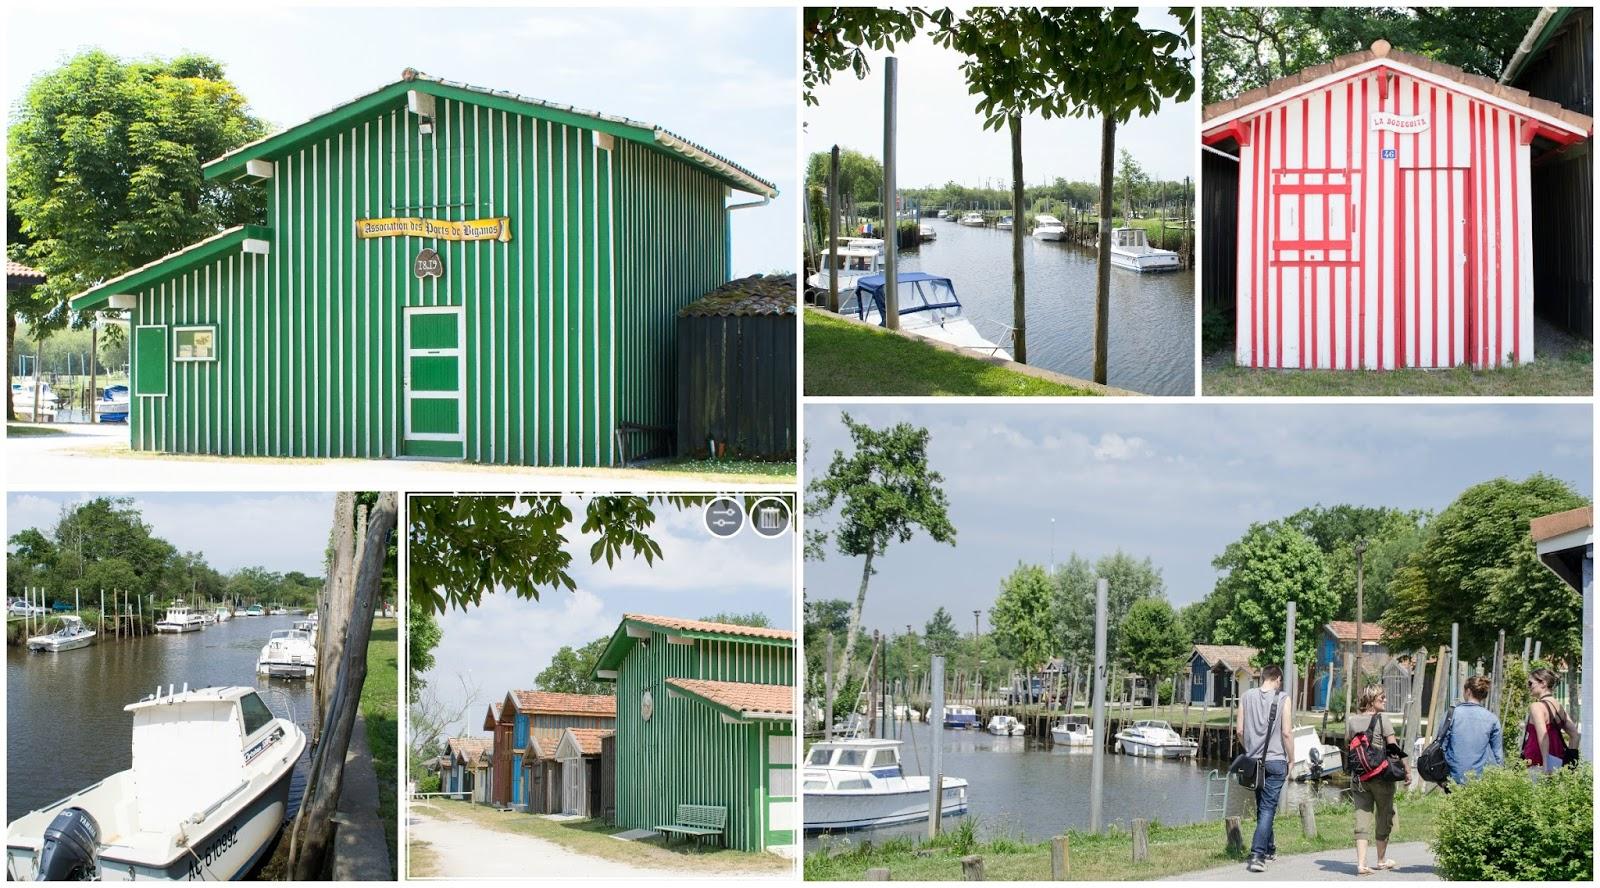 Popote et nature r sum d 39 une folle journ e et d 39 une bonne nuit sur le bassin d 39 arcachon - Office de tourisme biganos ...